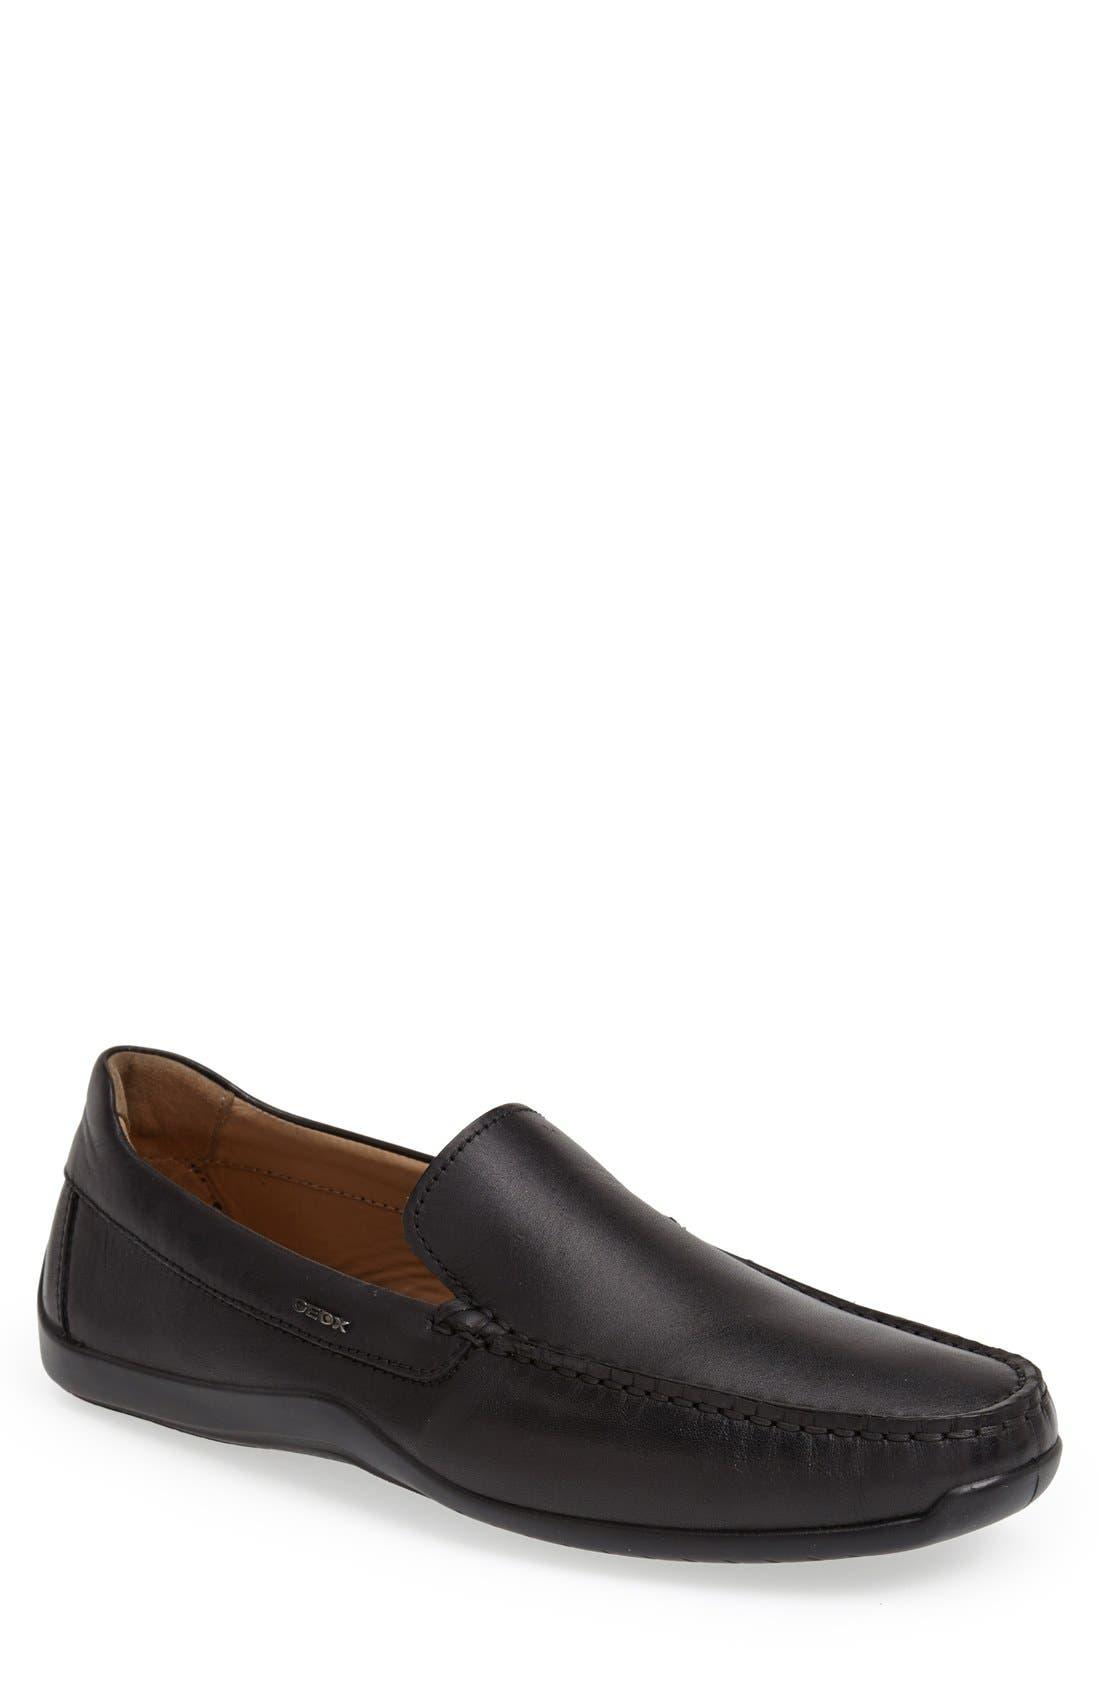 Main Image - Geox 'U Xense Mox' Driving Shoe (Men)